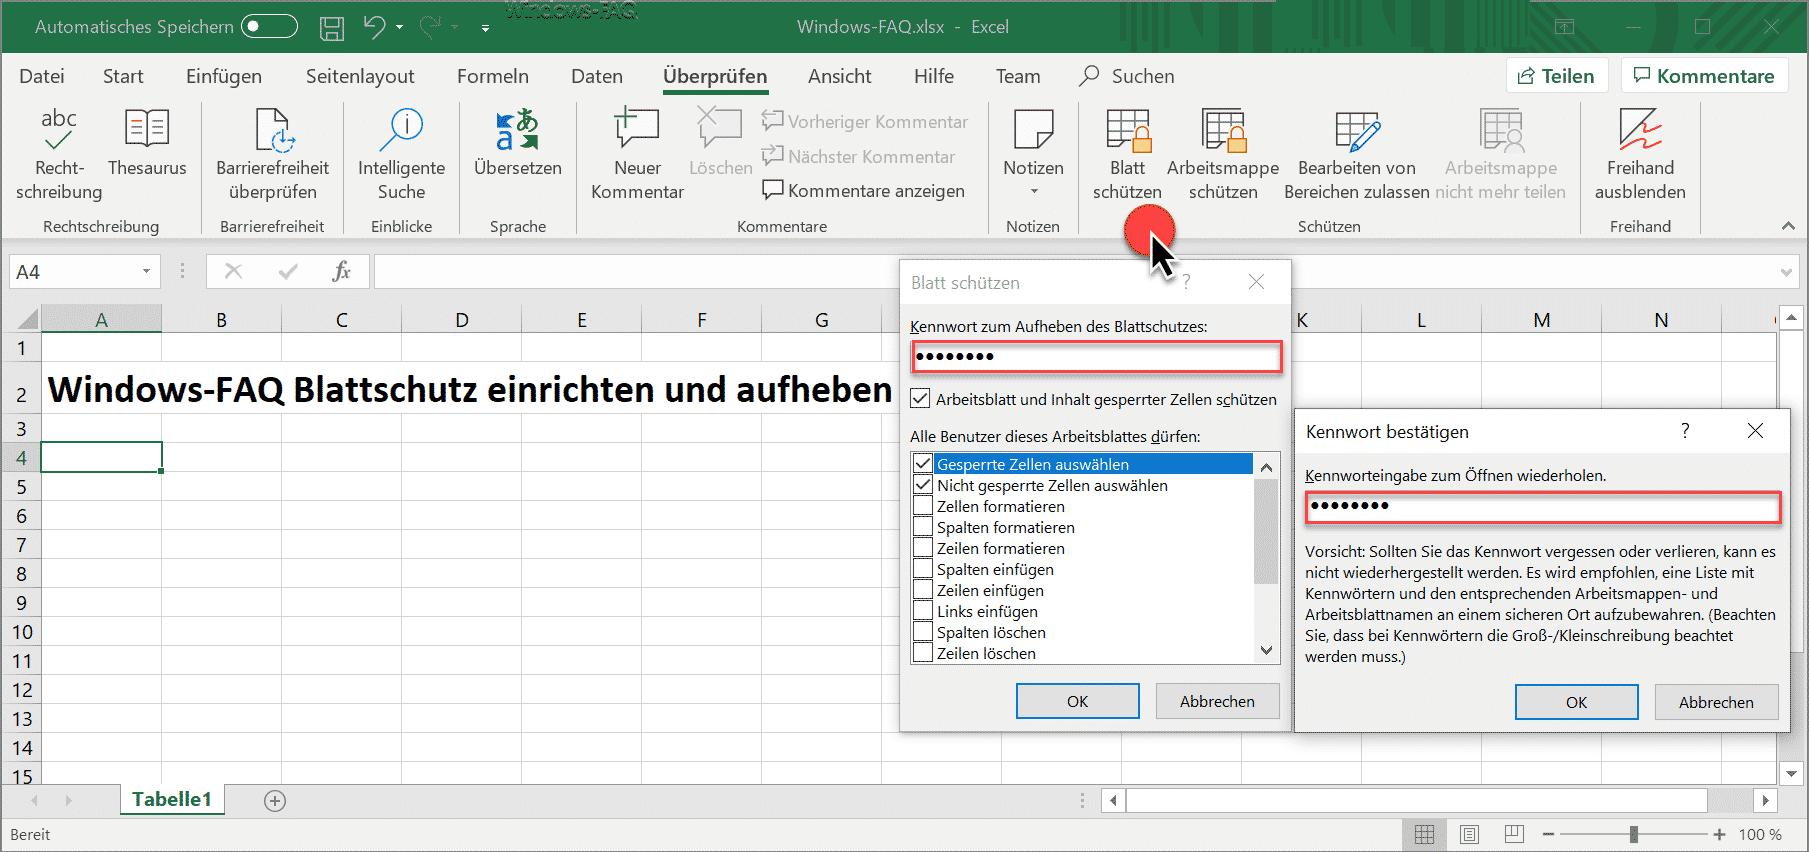 Excel Blatt Schützen